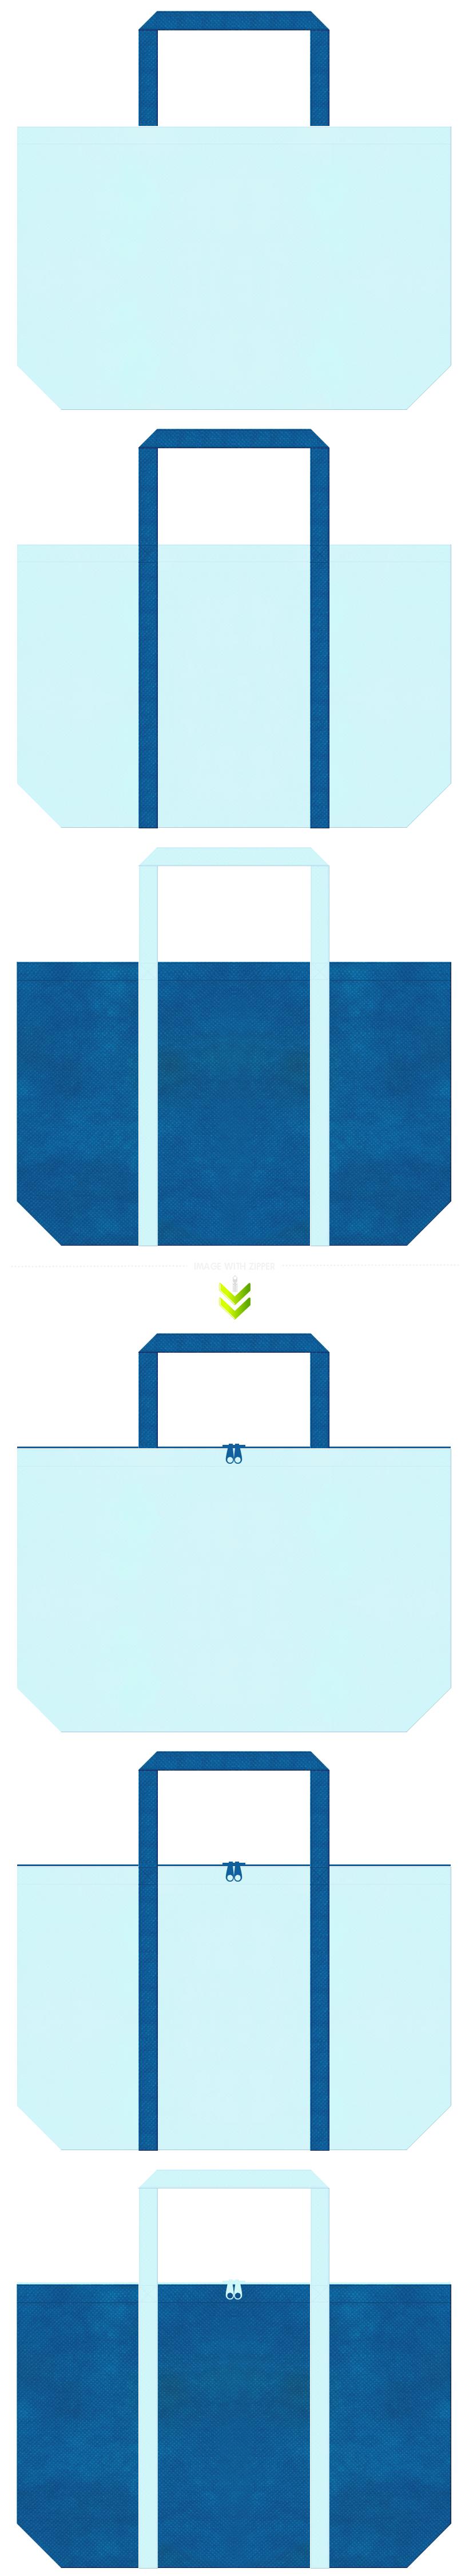 水色と青色の不織布エコバッグデザイン。水族館・クリーニングにお奨めの配色です。